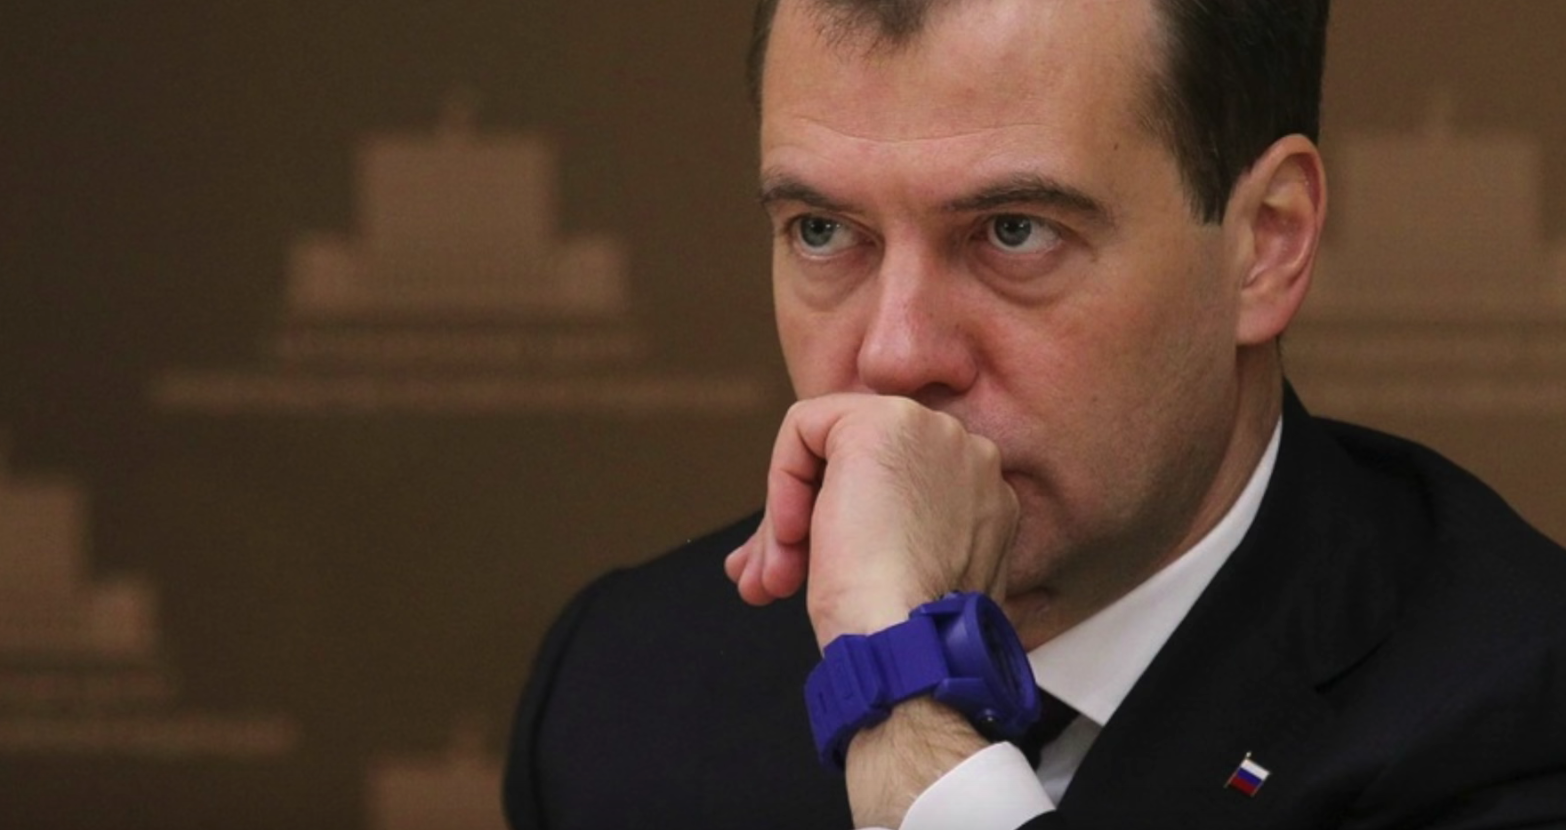 Třeba ruský politik Dmitrij Medveděv nezvolil hodinky úplně dobře